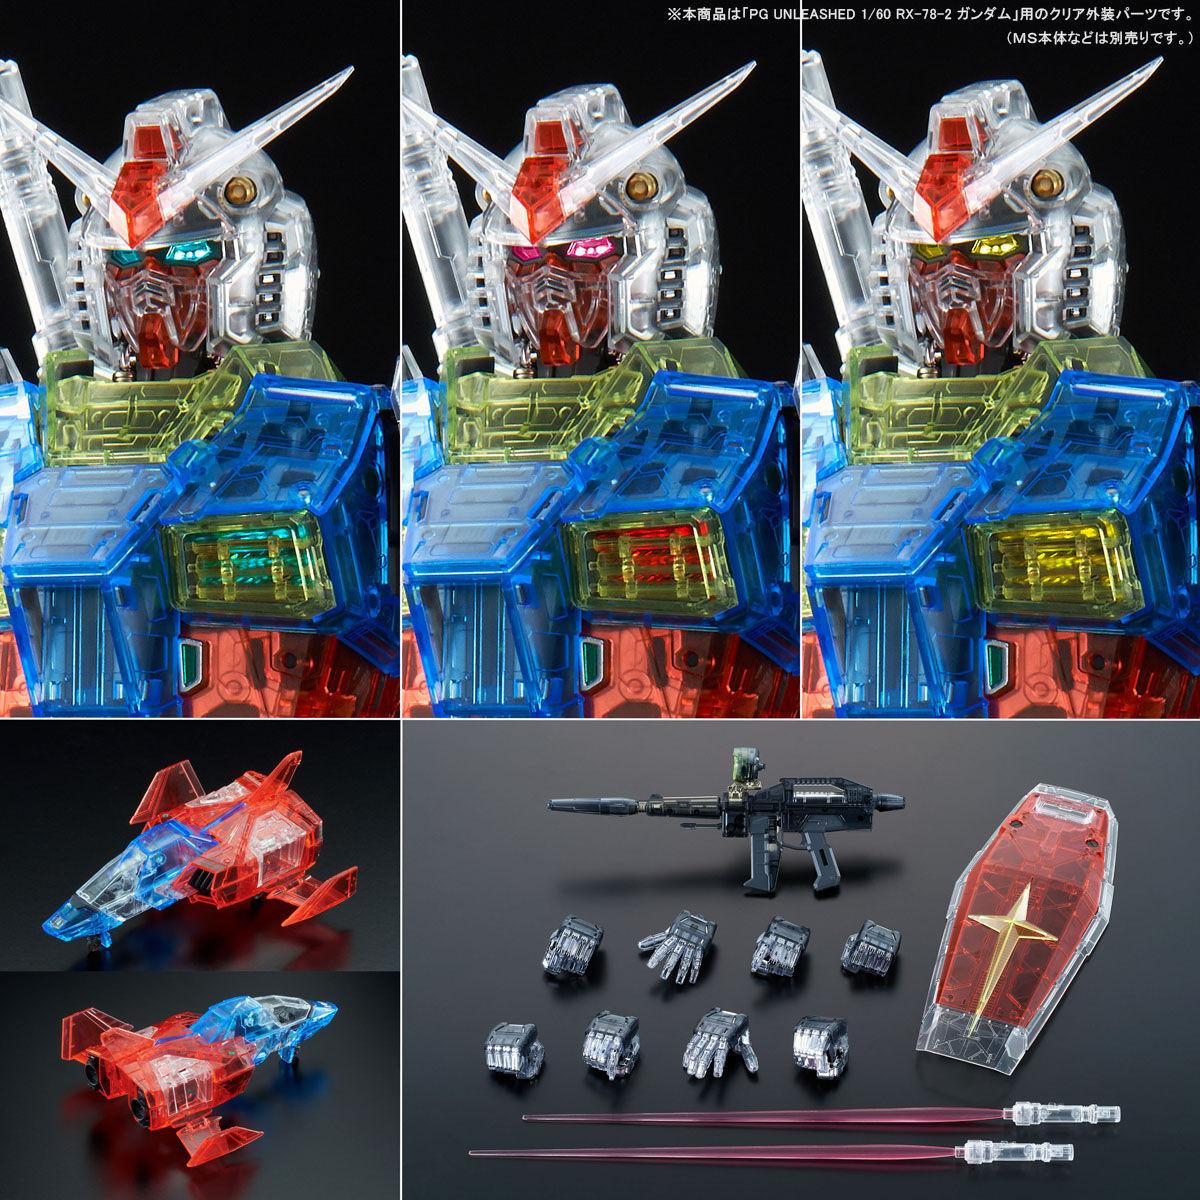 【限定販売】PG UNLEASHED 1/60『RX-78-2 ガンダム クリアカラーボディ』プラモデル-002